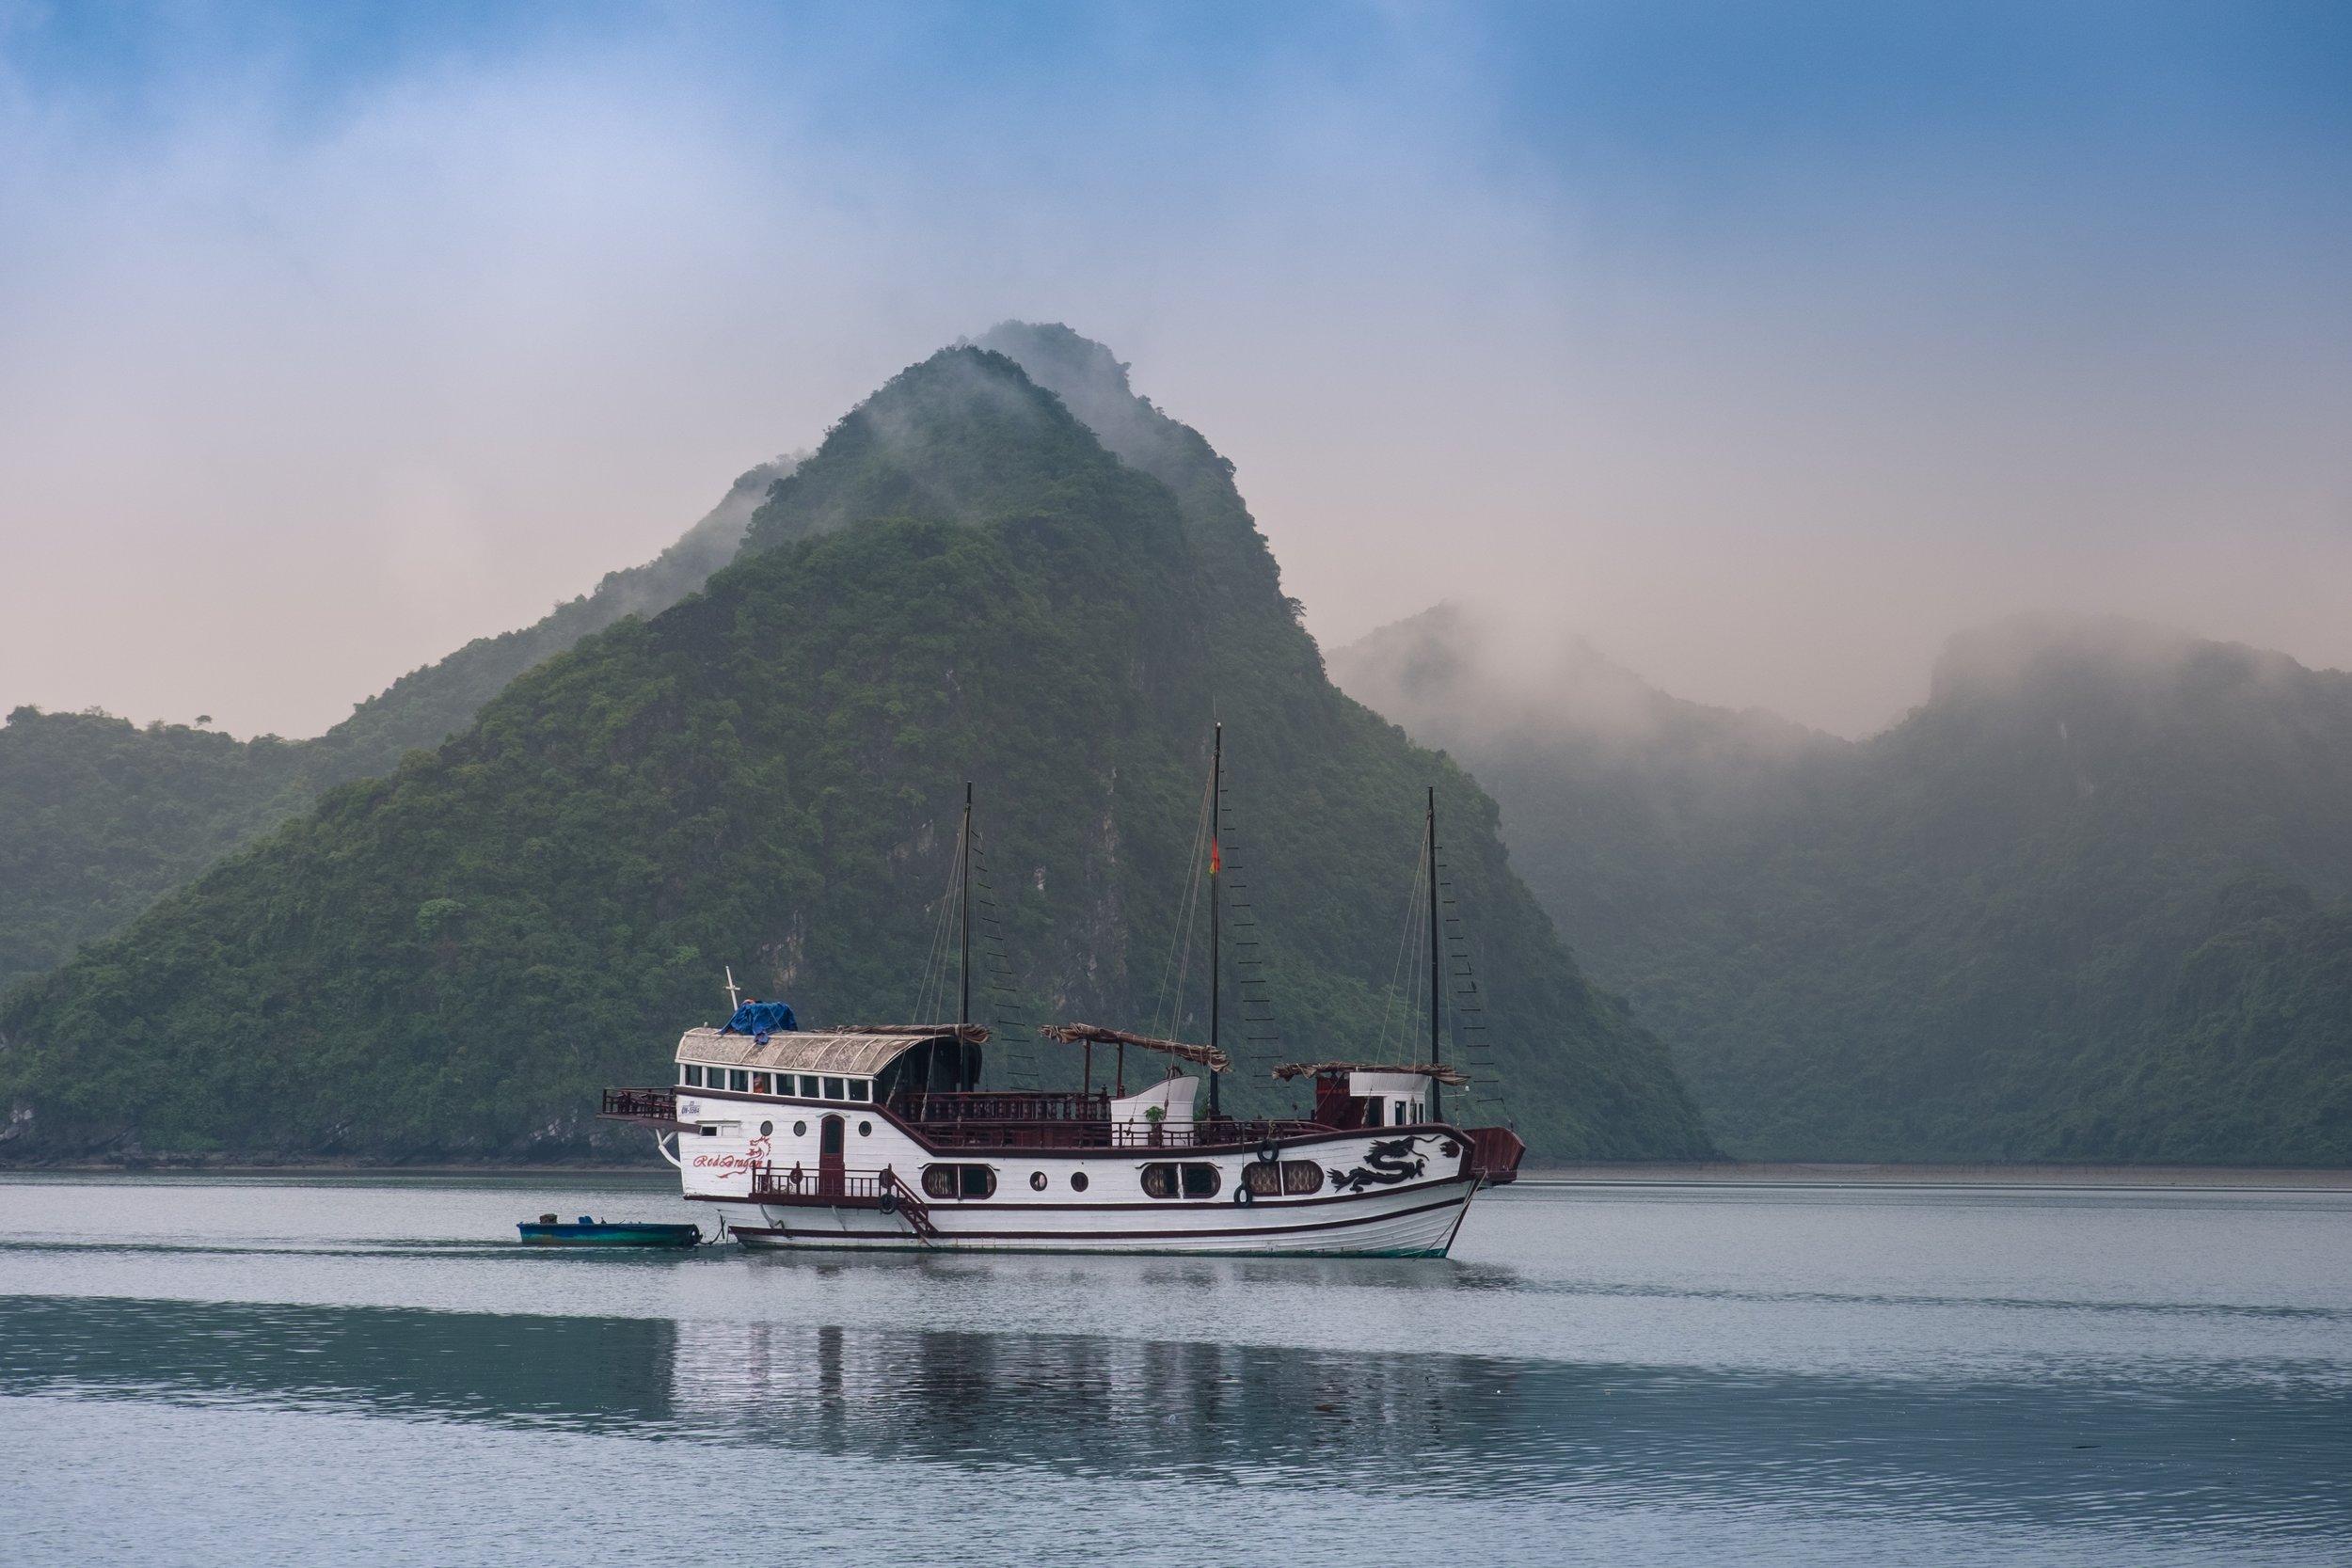 3 Weeks in Vietnam - The Ha Long Bay Cruise!